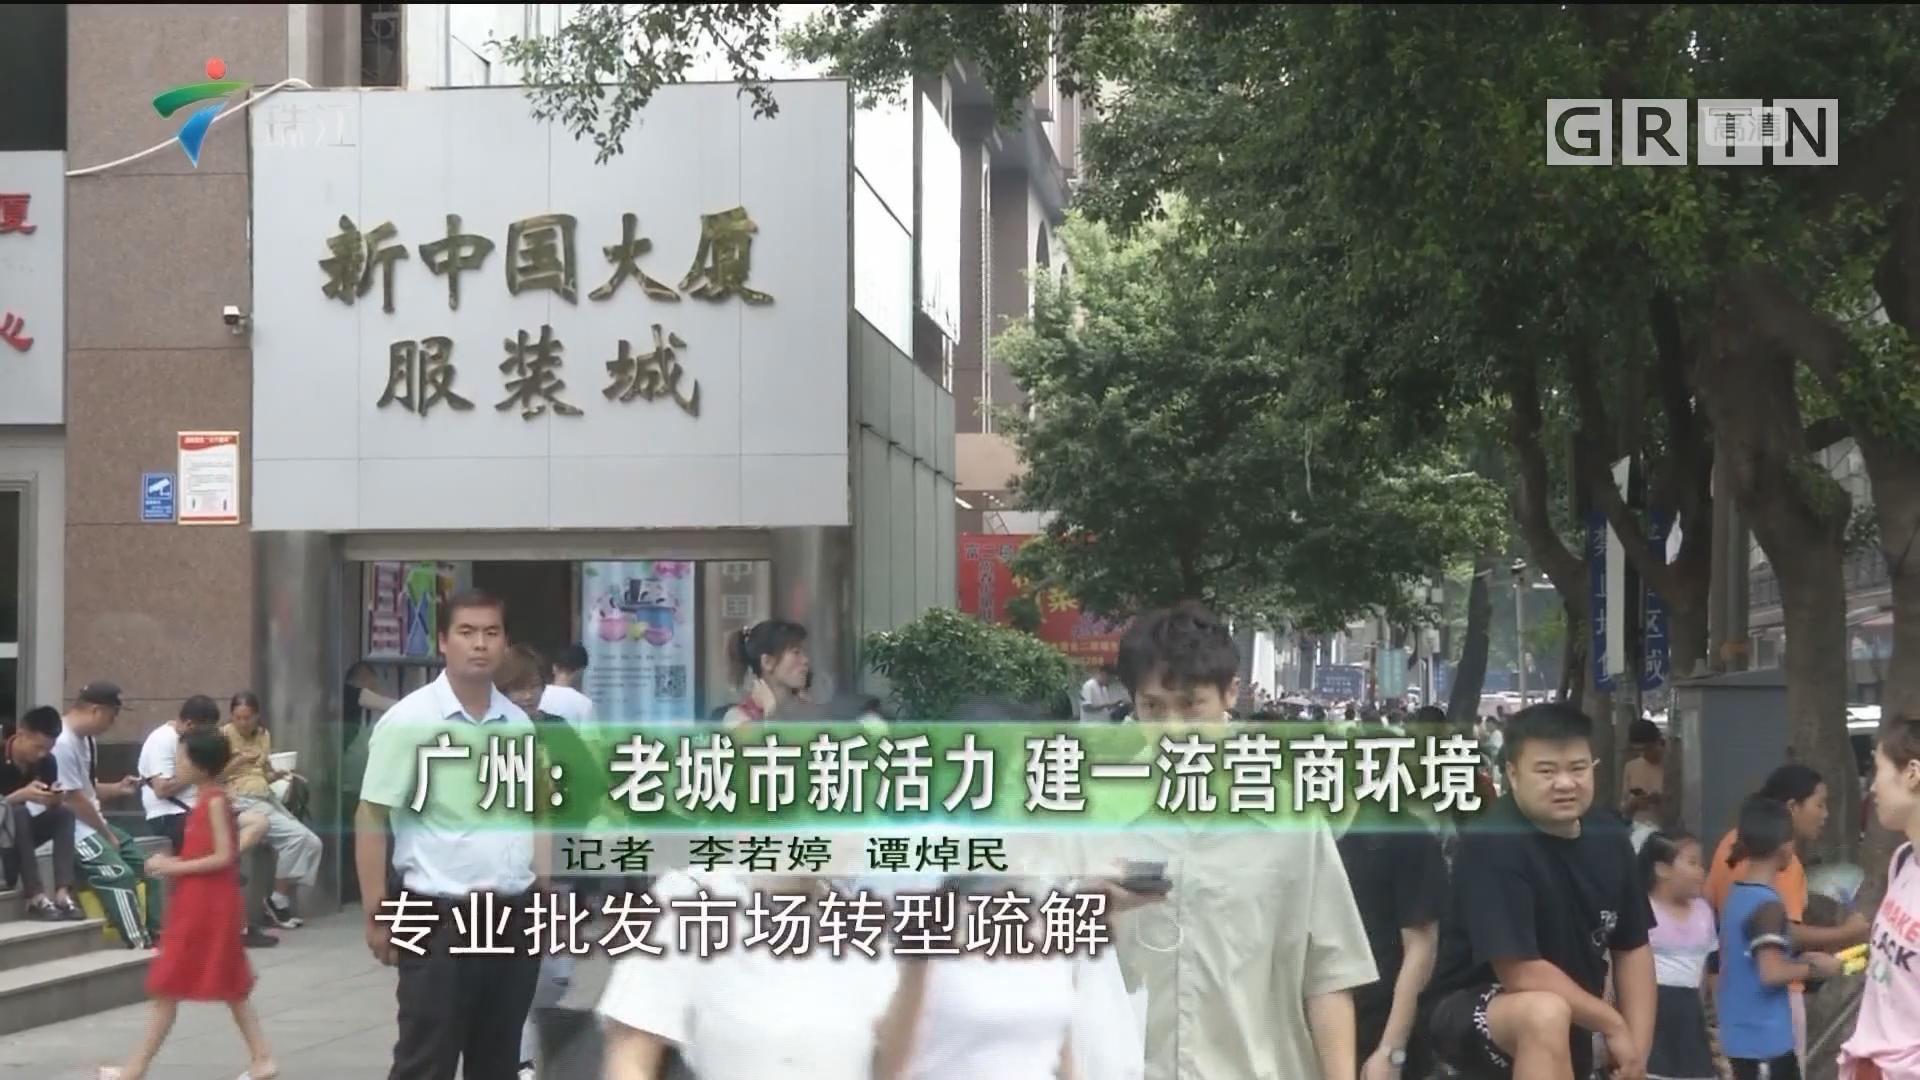 广州:老城市新活力 建一流营商环境